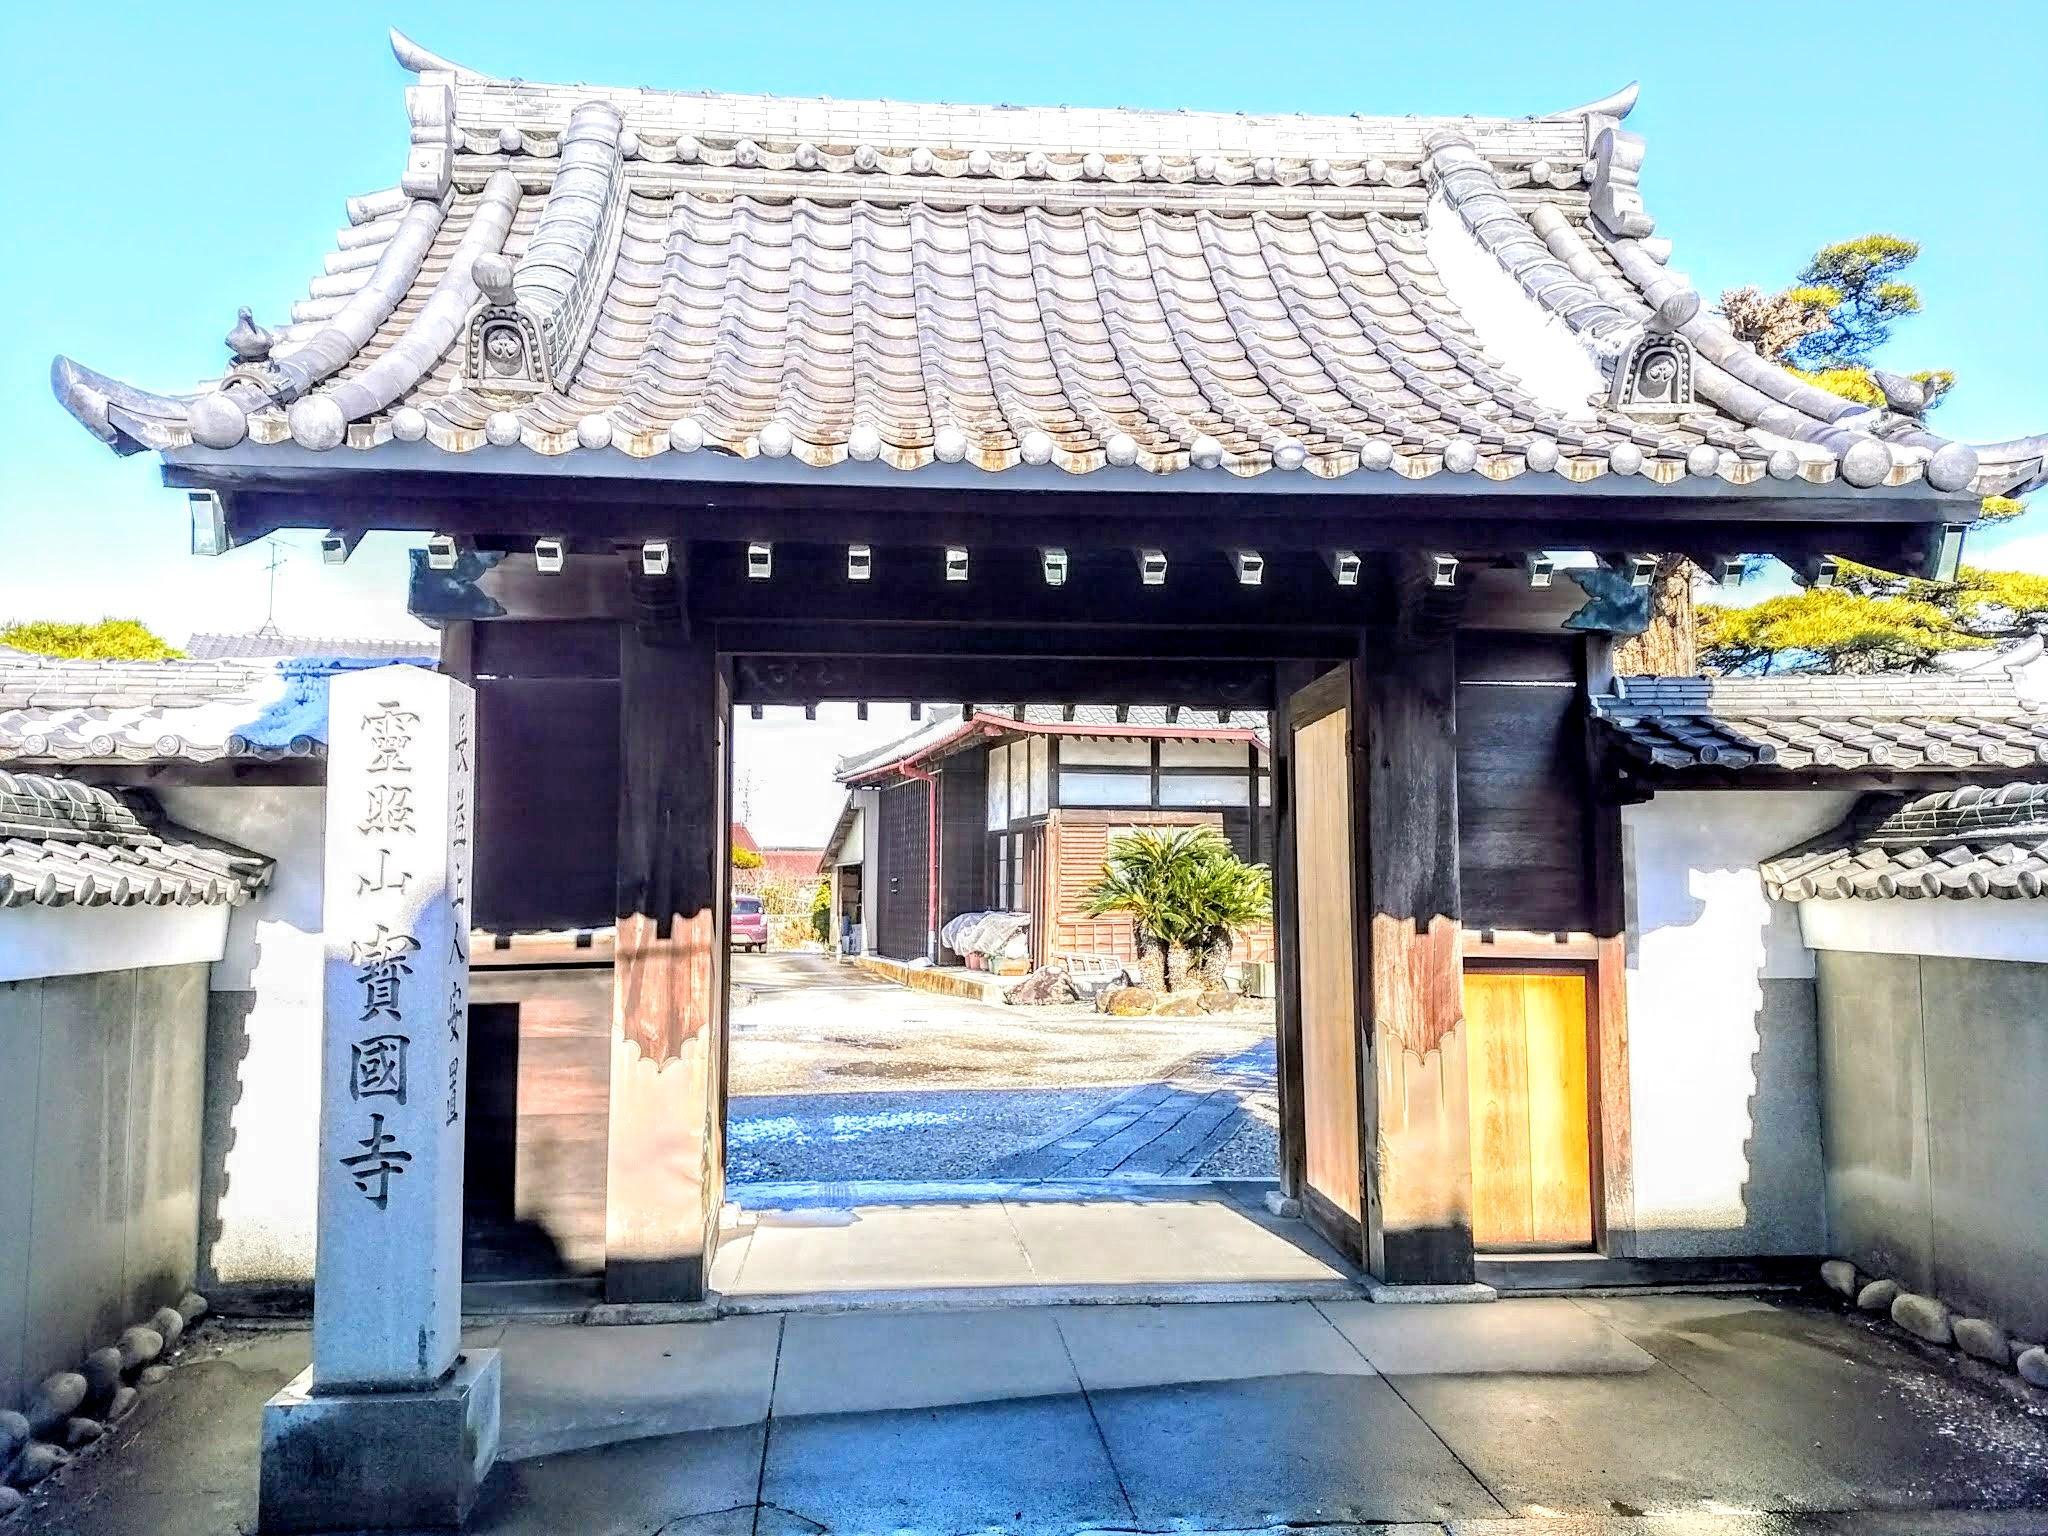 靈照山 宝国寺の境内・文化財